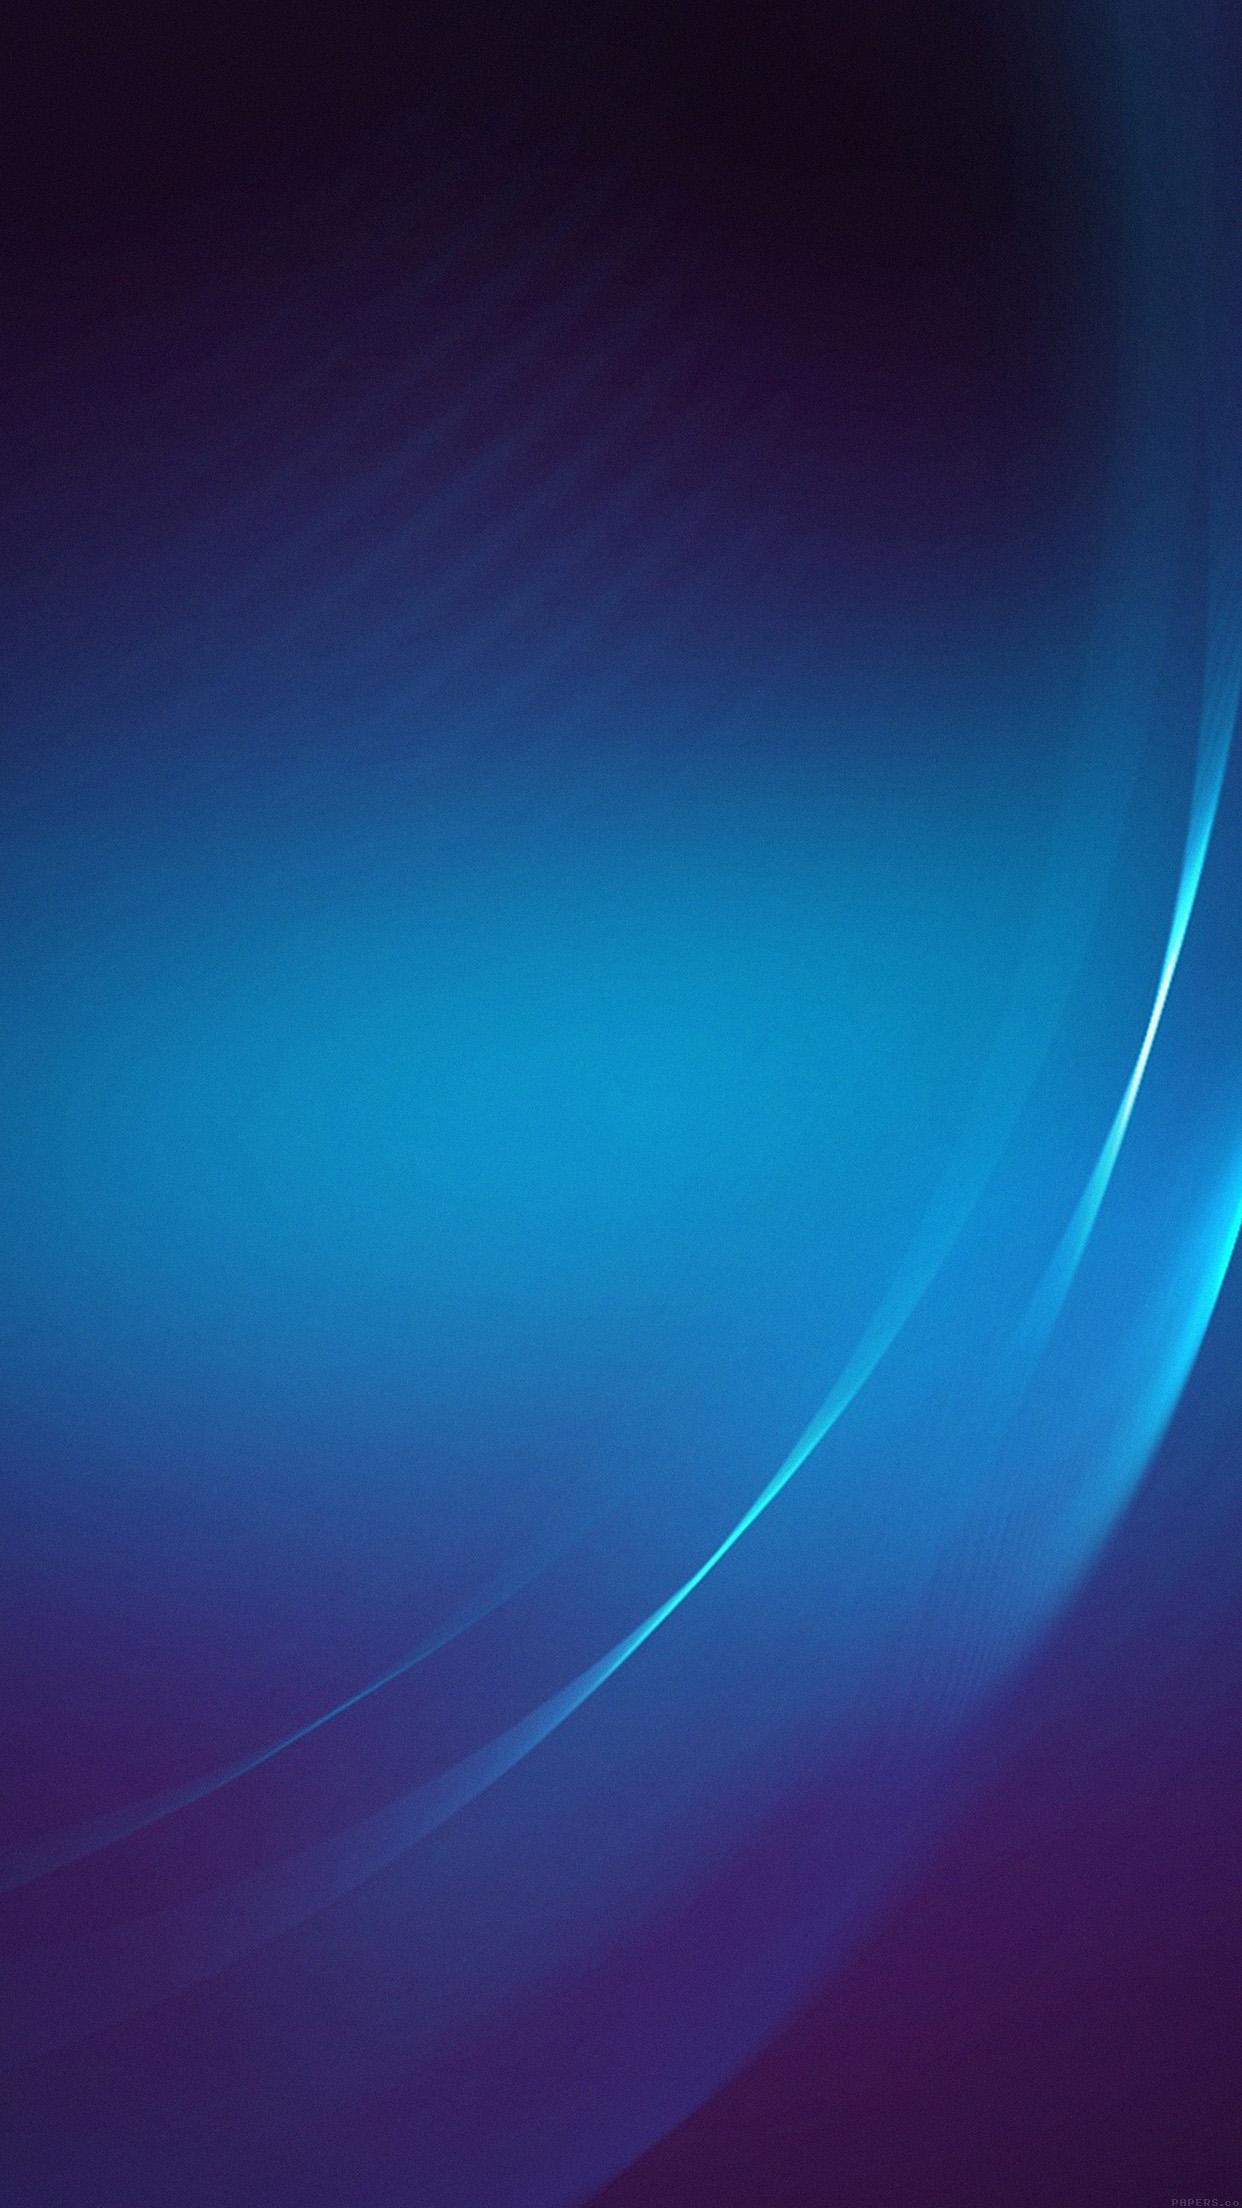 | vh62-samsung-galaxy-s6-background-blue-pattern